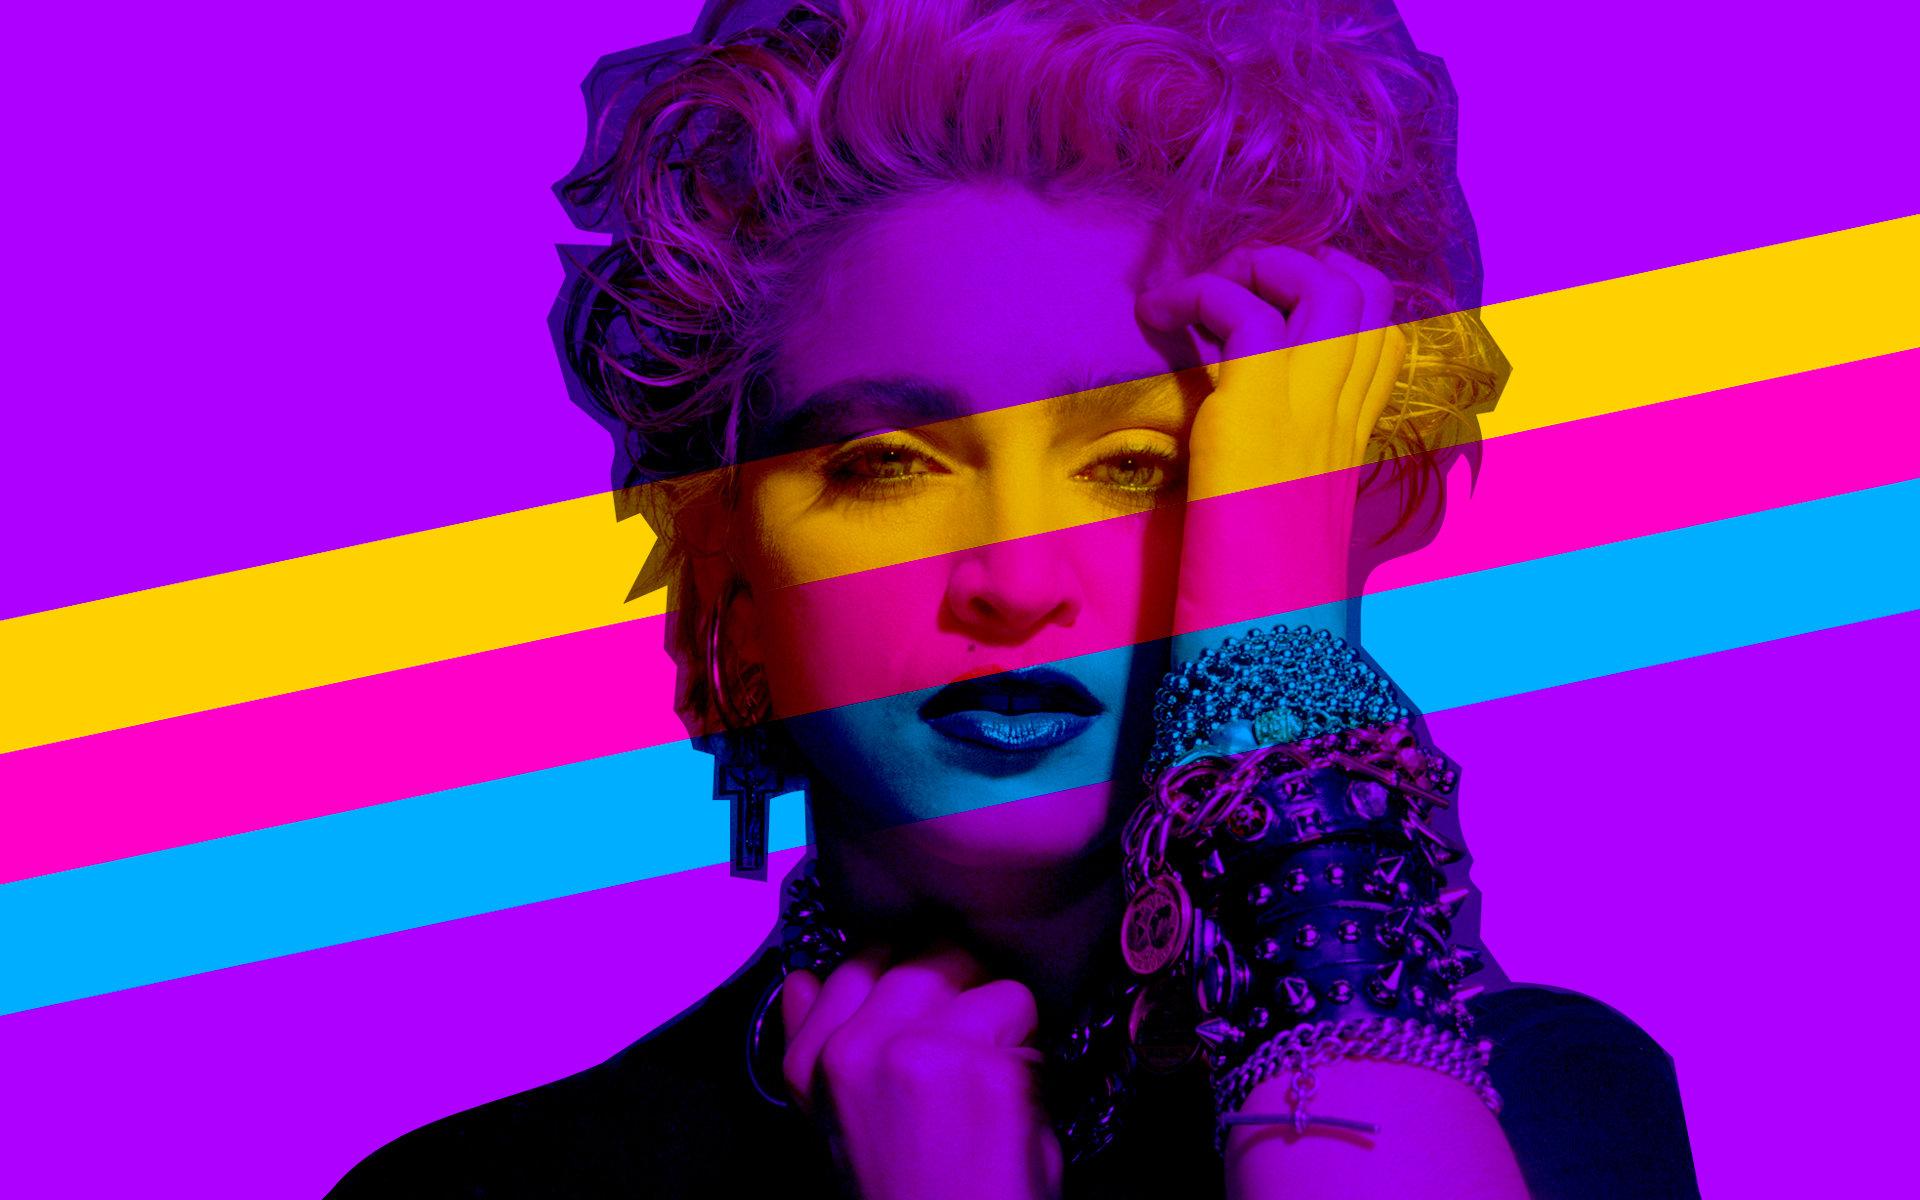 Color 80s by koukla666 1920x1200